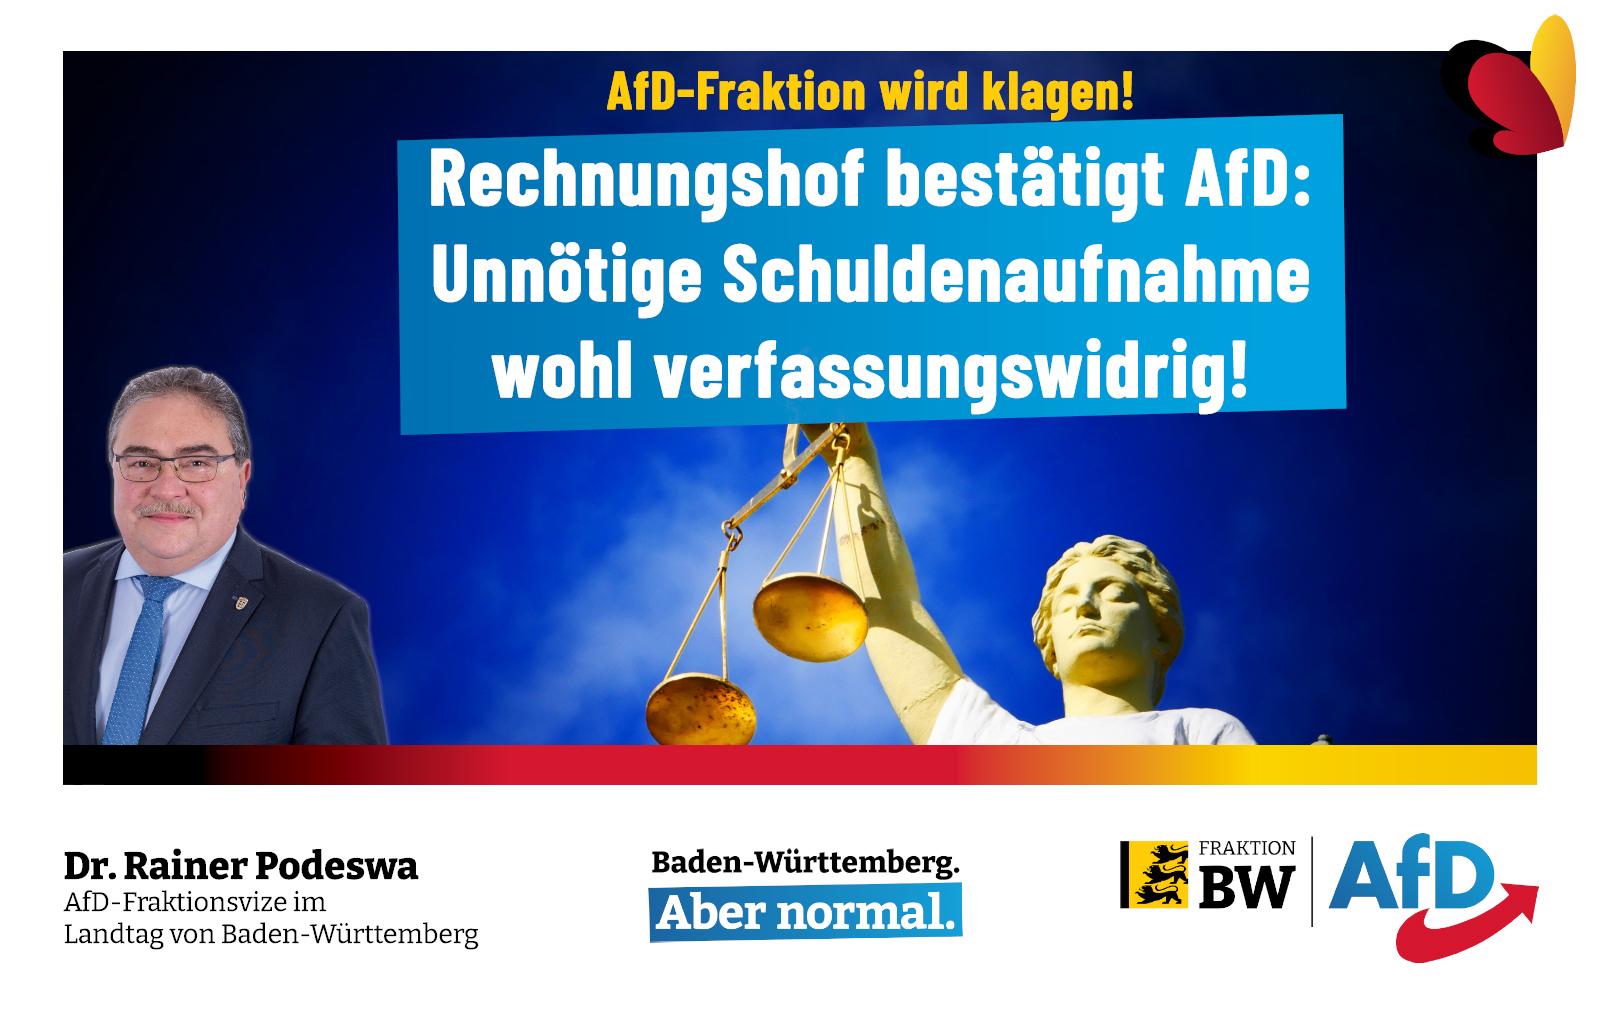 Dr. Rainer Podeswa: Rechnungshof bestätigt (wieder) AfD-Positionen